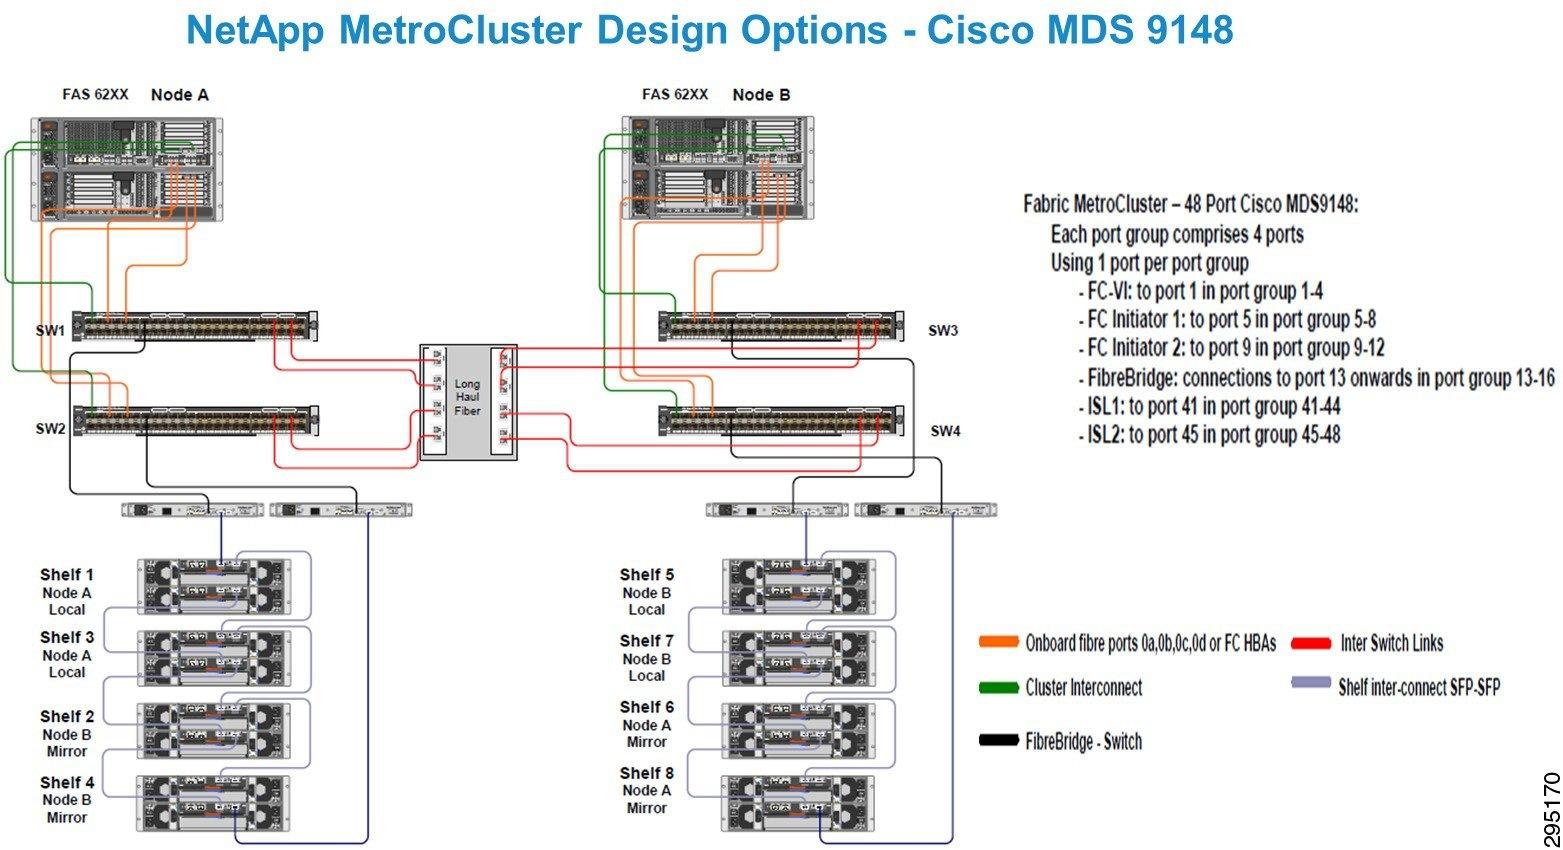 Netscaler mpx 7500 firmware